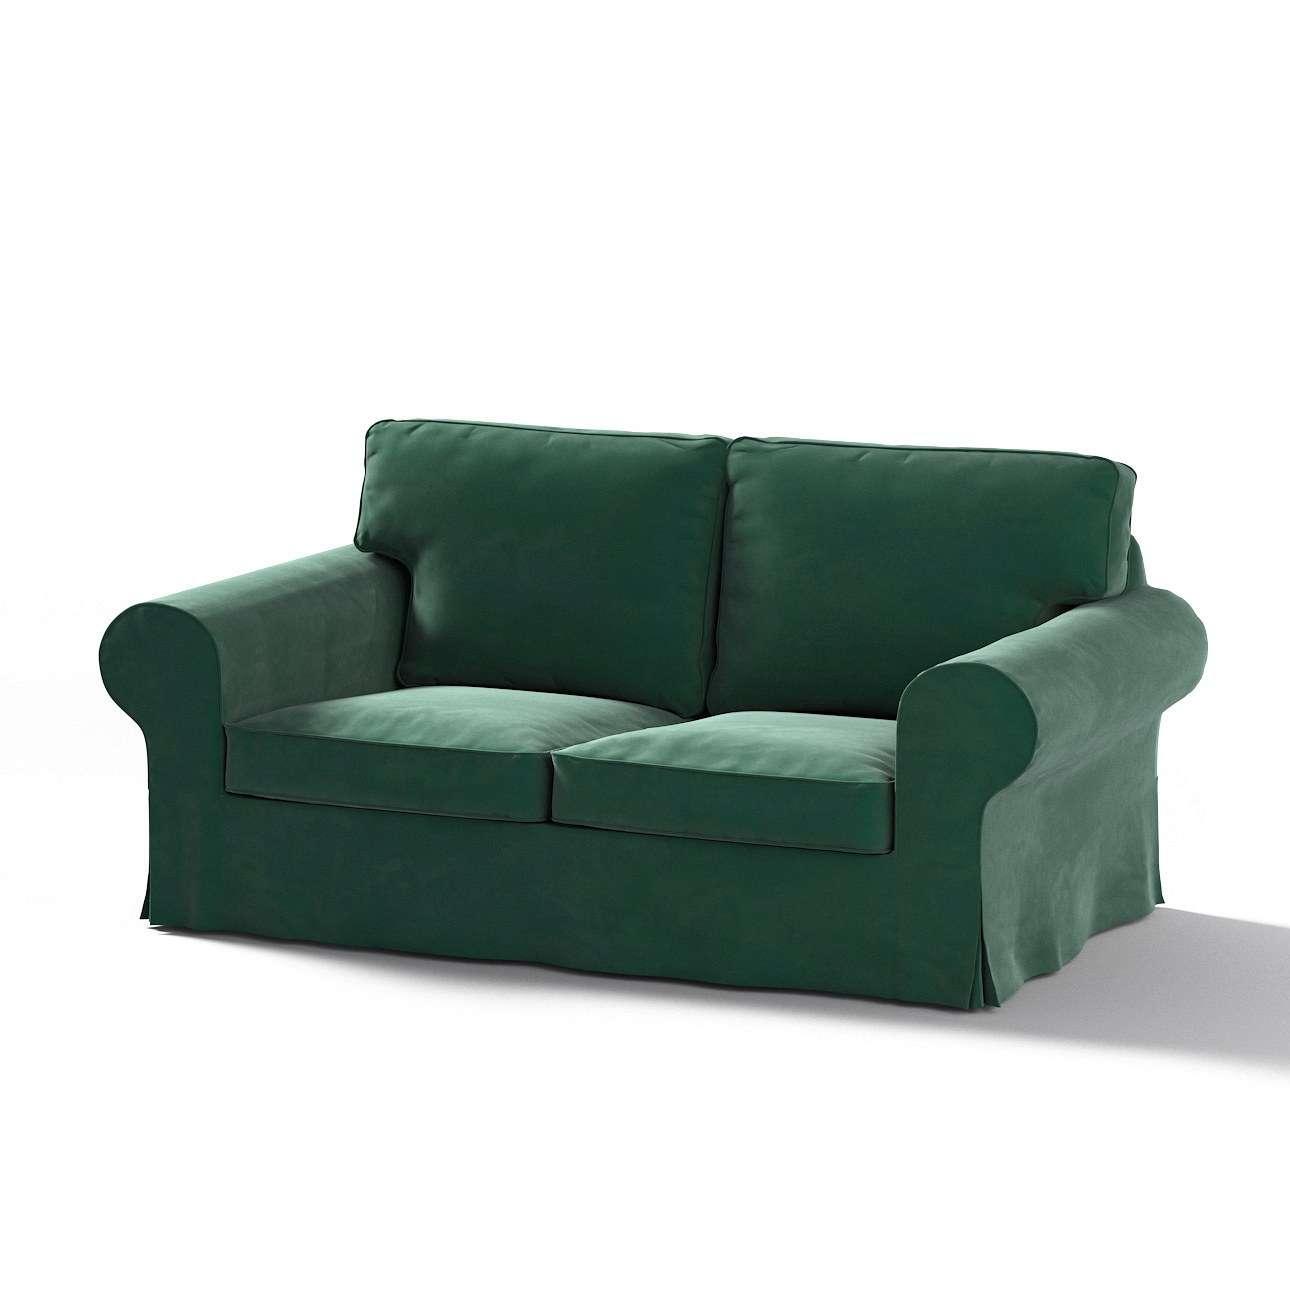 Pokrowiec na sofę Ektorp 2-osobową, nierozkładaną w kolekcji Velvet, tkanina: 704-25